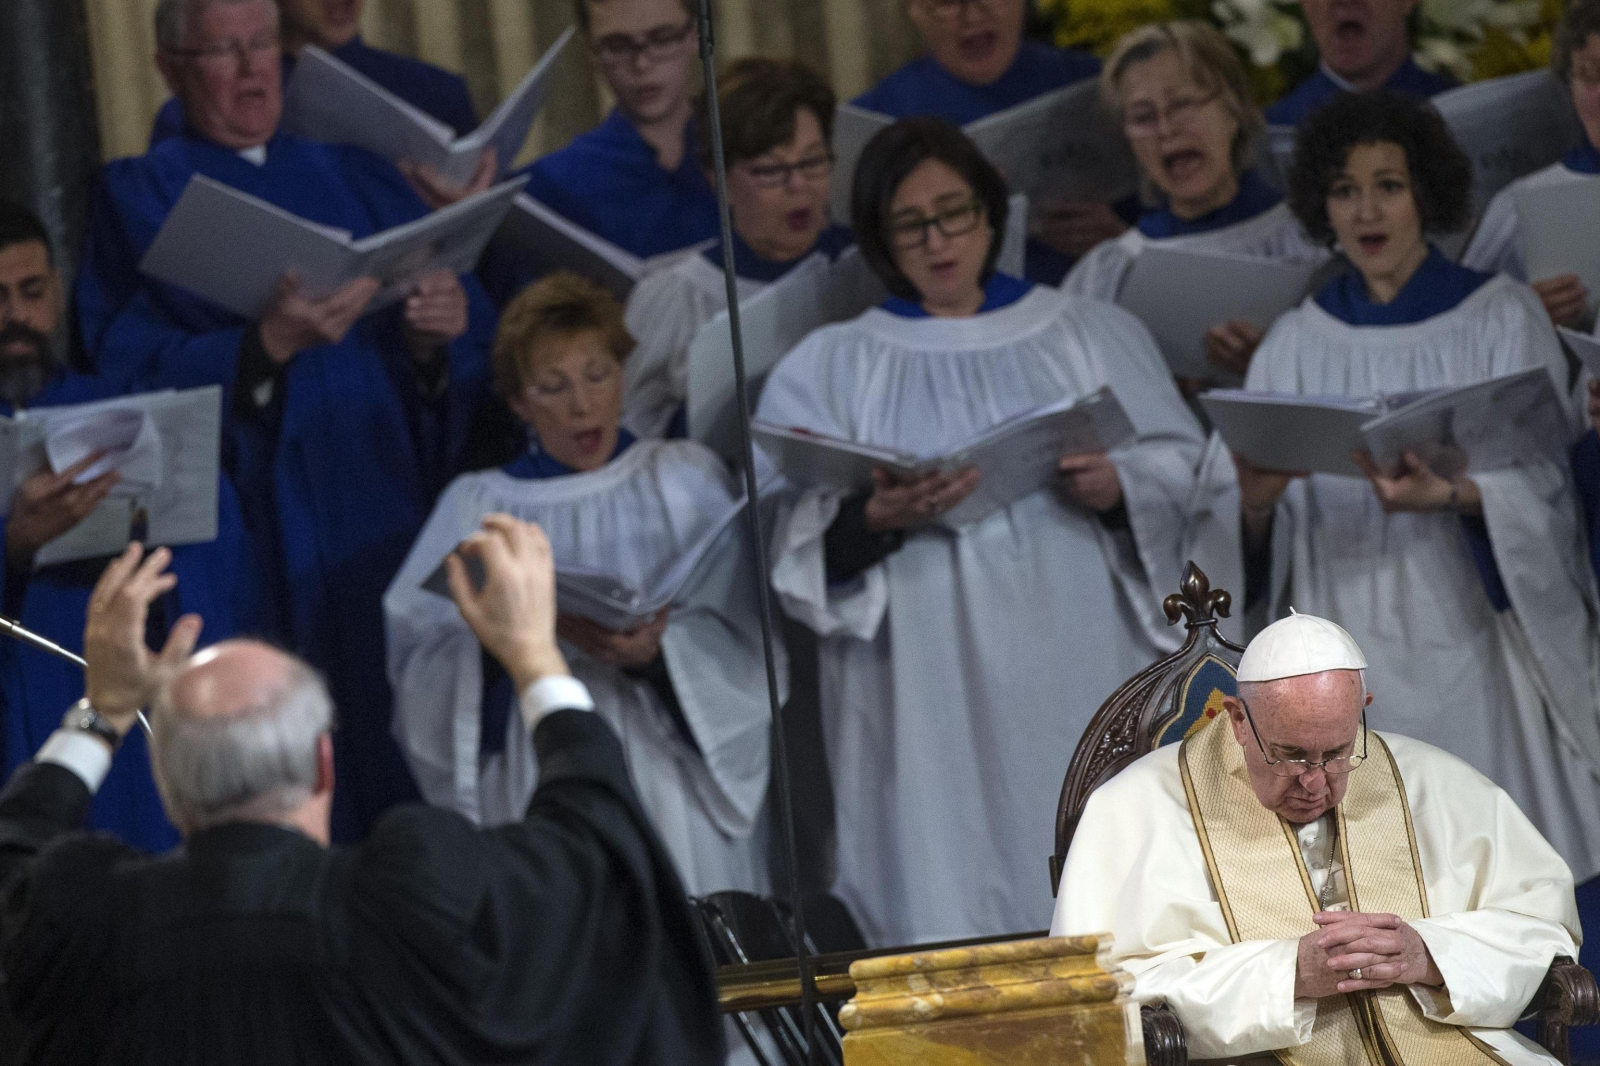 Papież Franciszek w czasie historycznej wizyty w anglikańskim kościele Wszystkich Świętych w Rzymie.